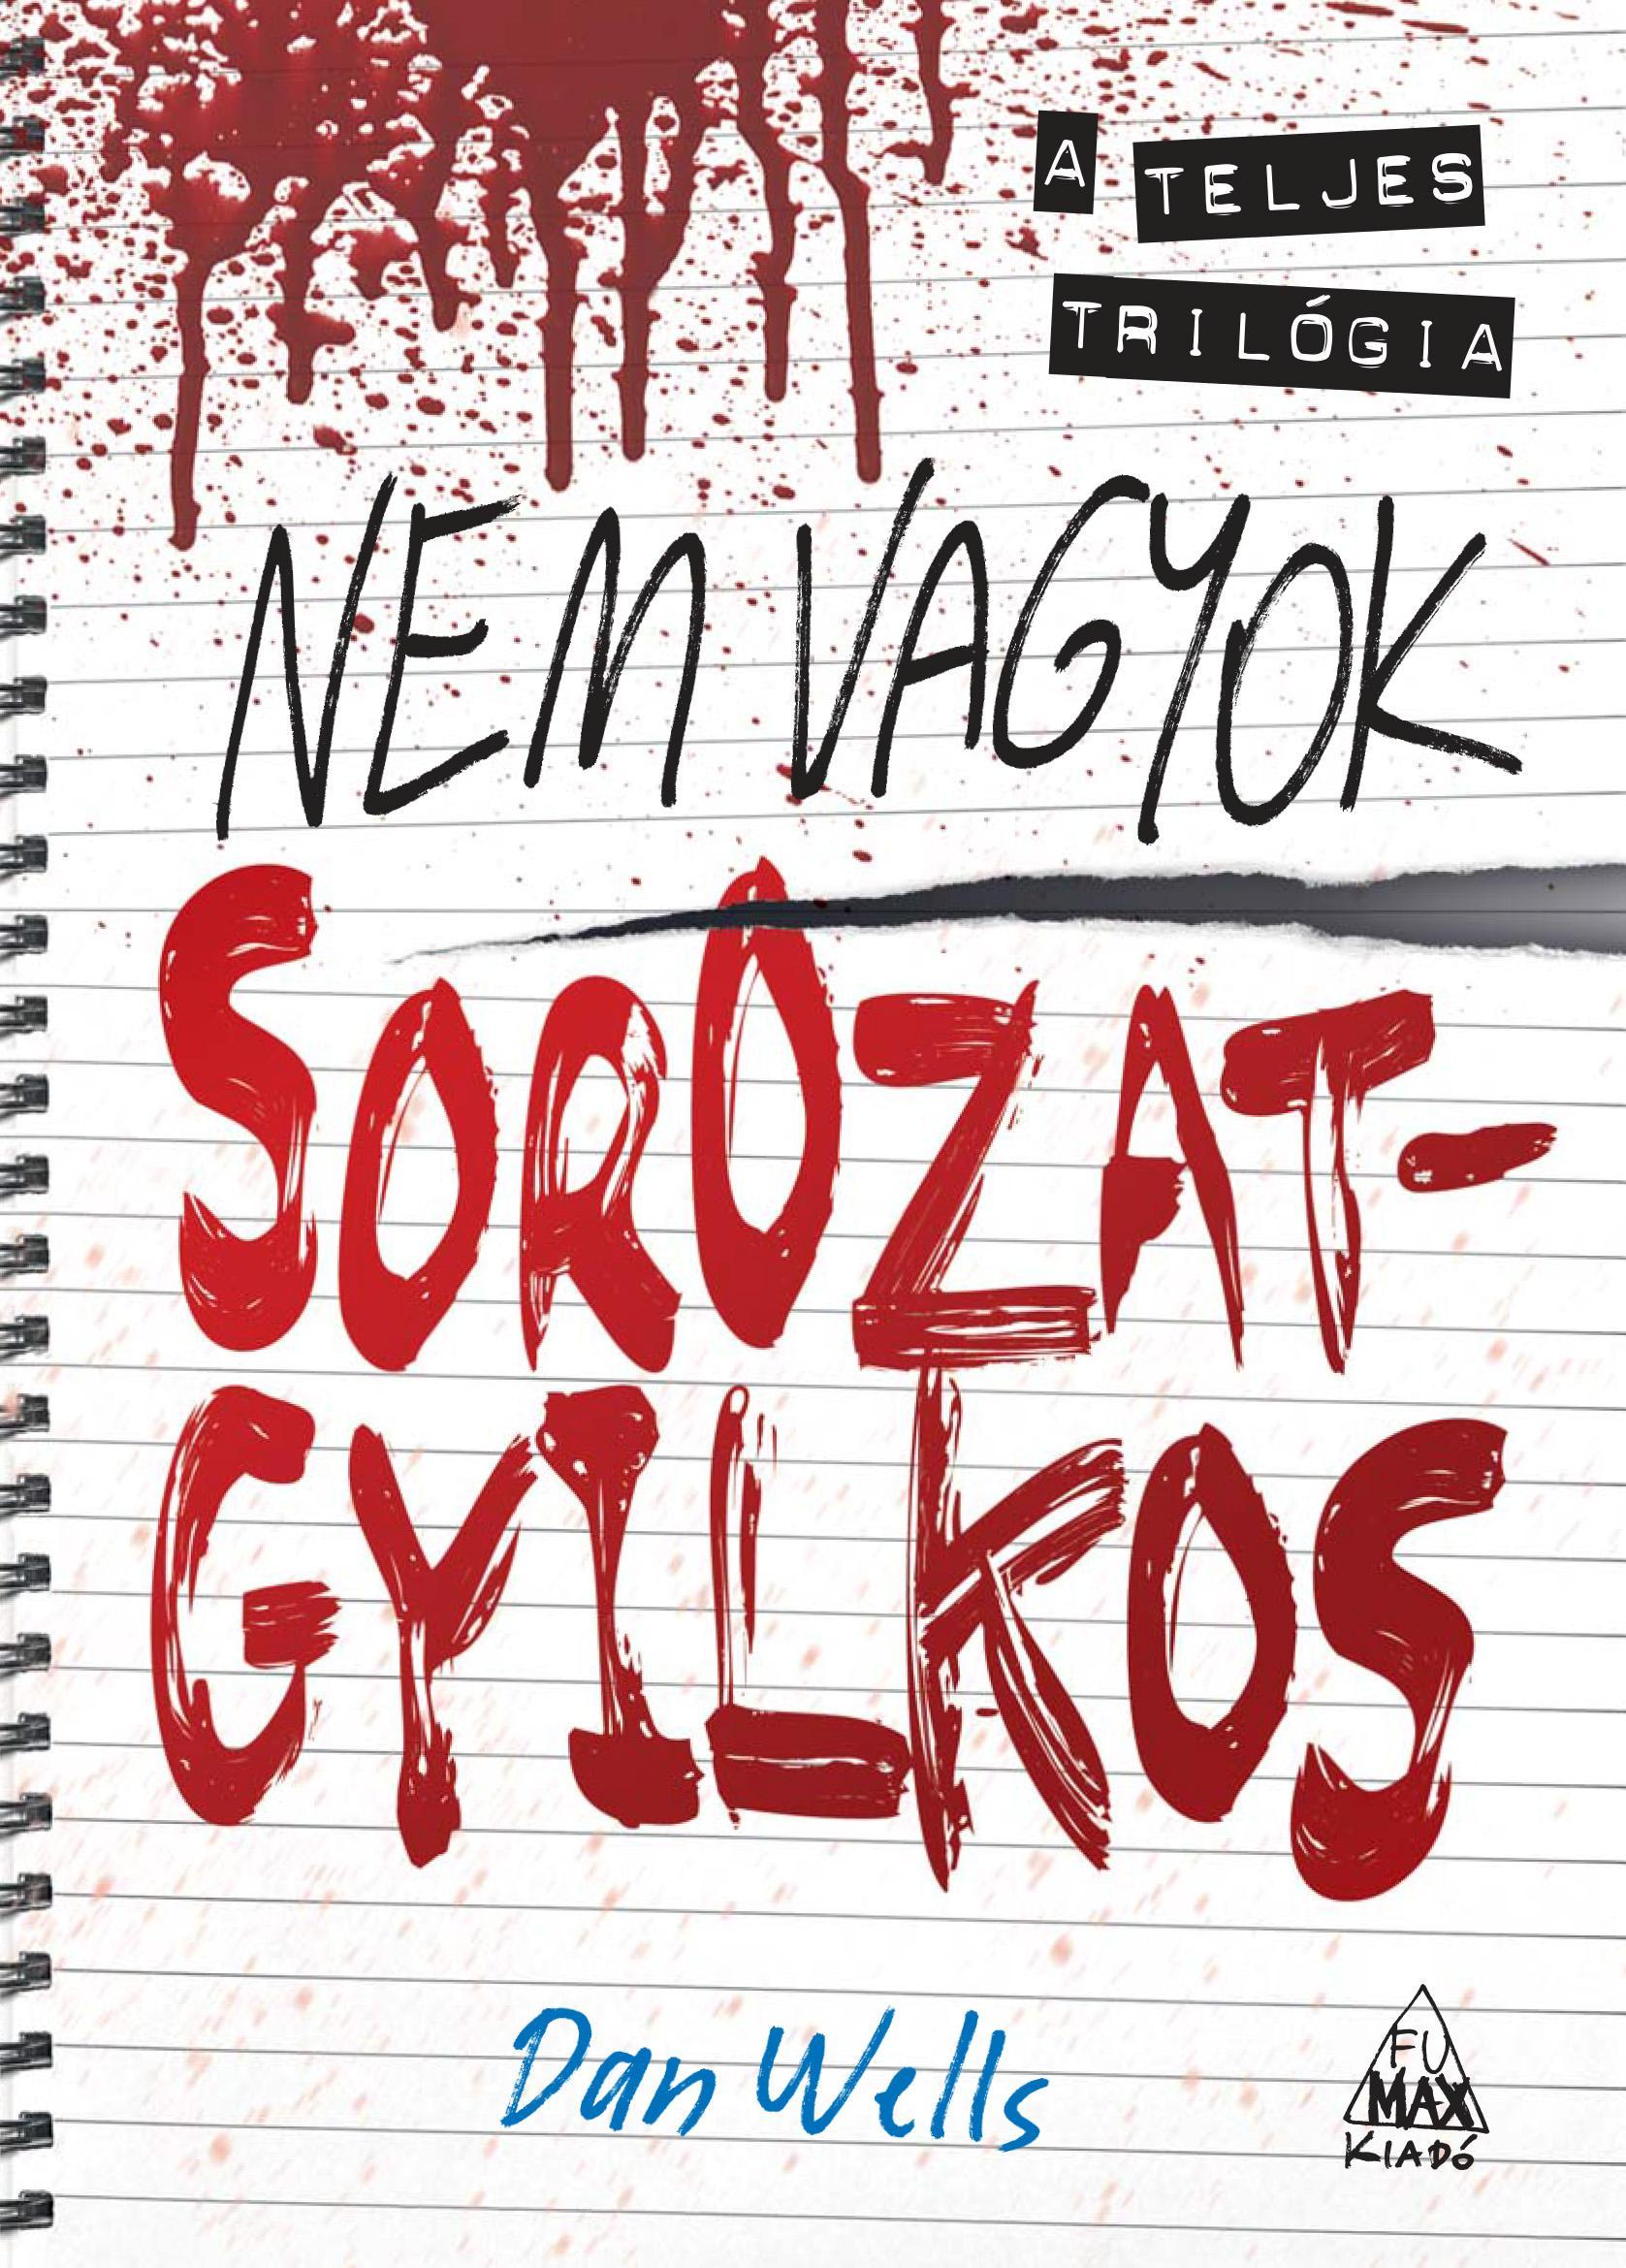 NEM VAGYOK SOROZATGYILKOS - A TELJES TRILÓGIA